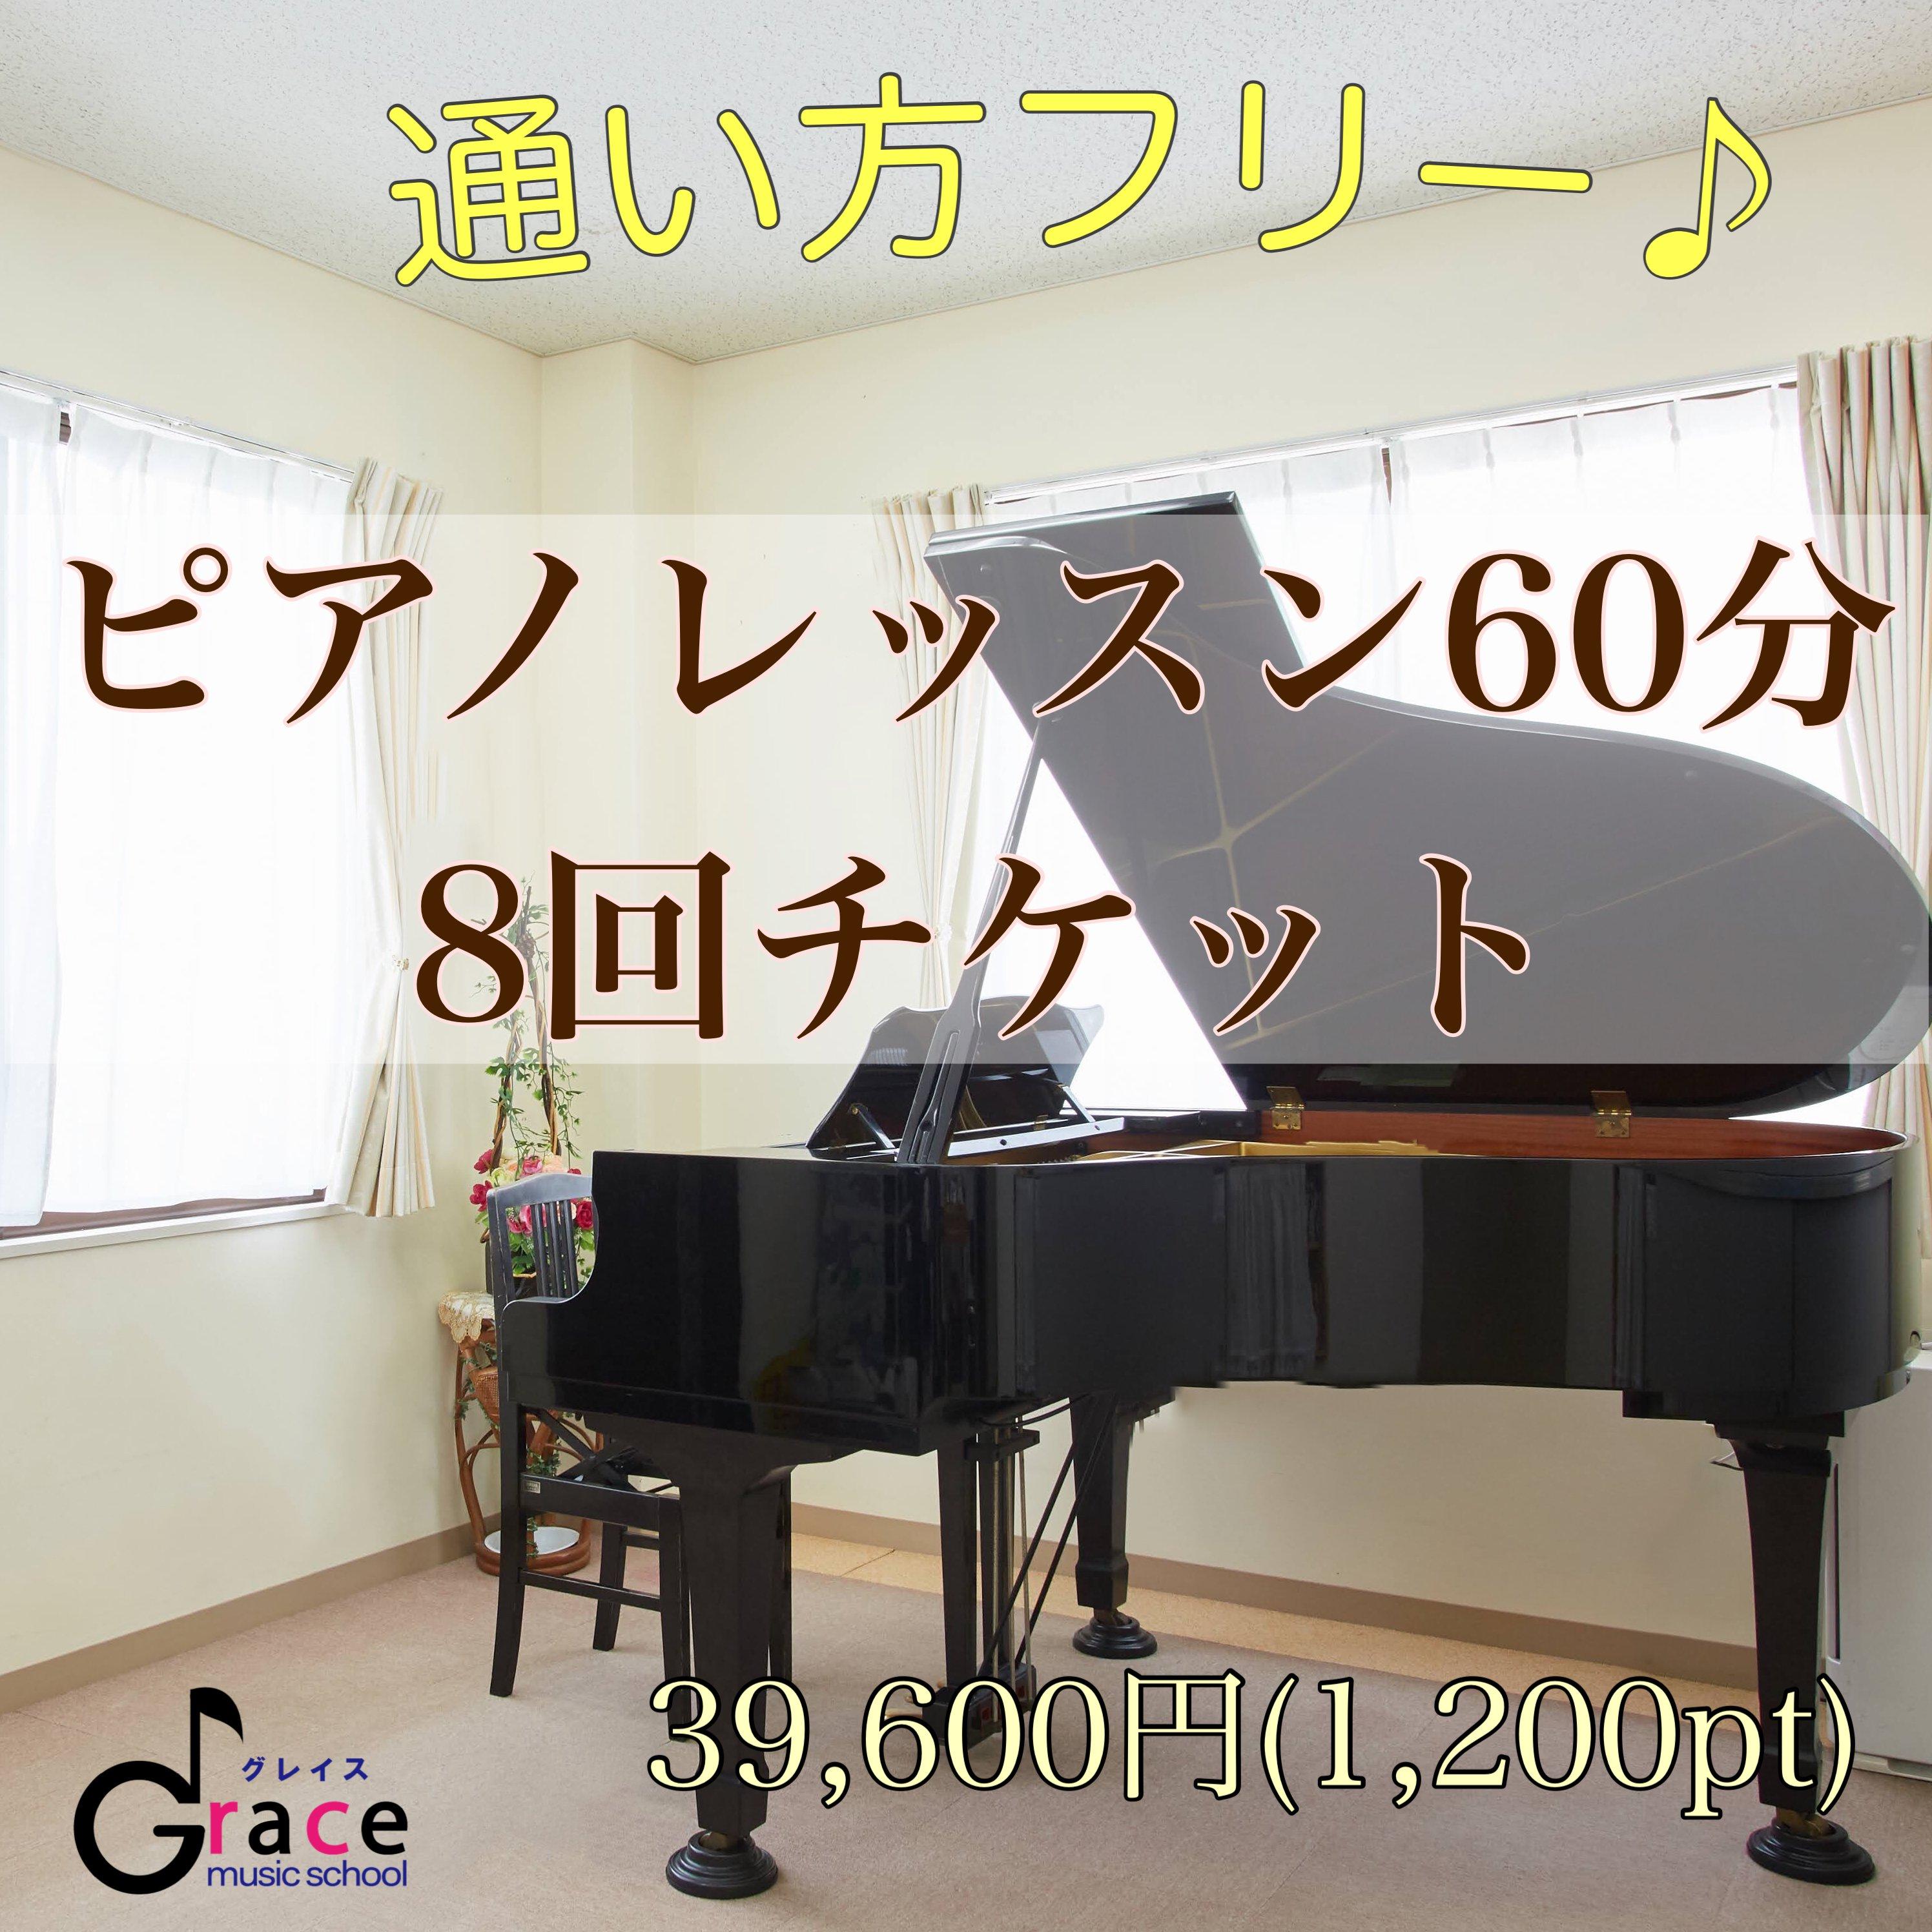 フリーピアノレッスン 60分・8回チケットのイメージその1